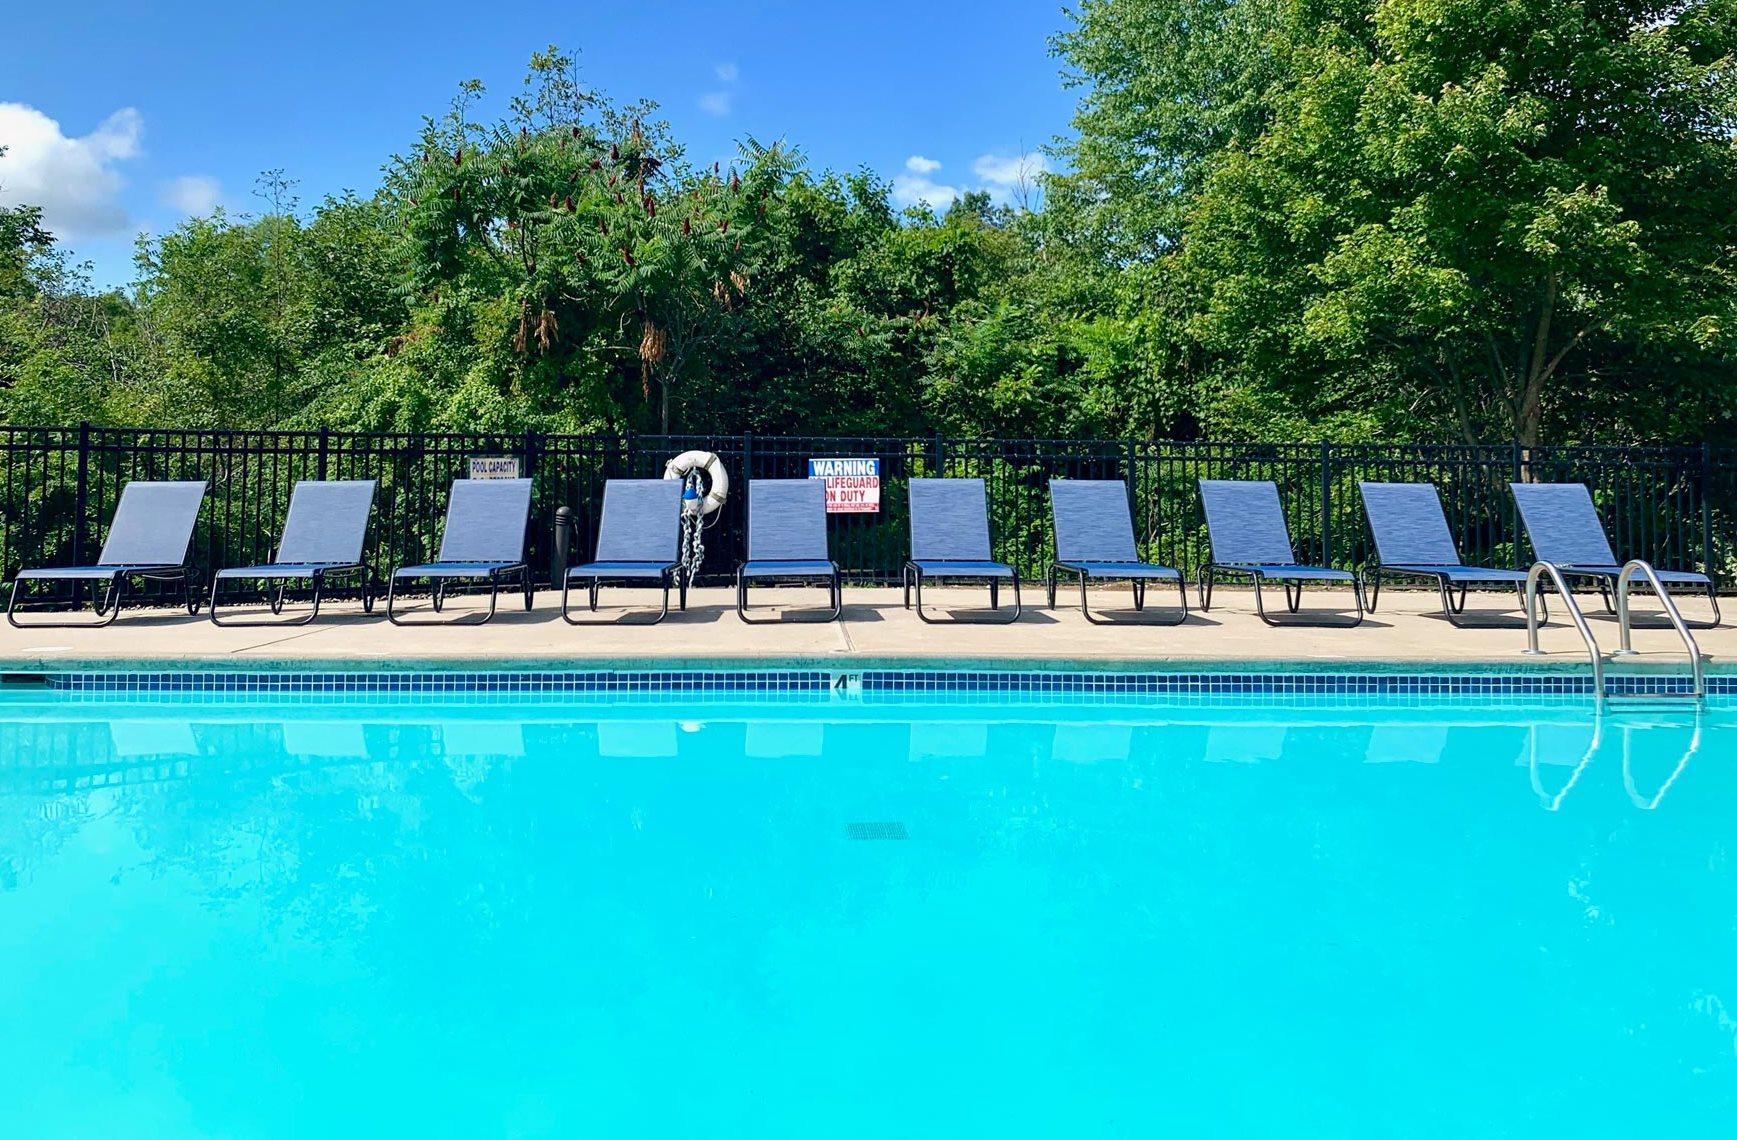 Pool at Shoreline Landing Apartments in Norton Shores, MI